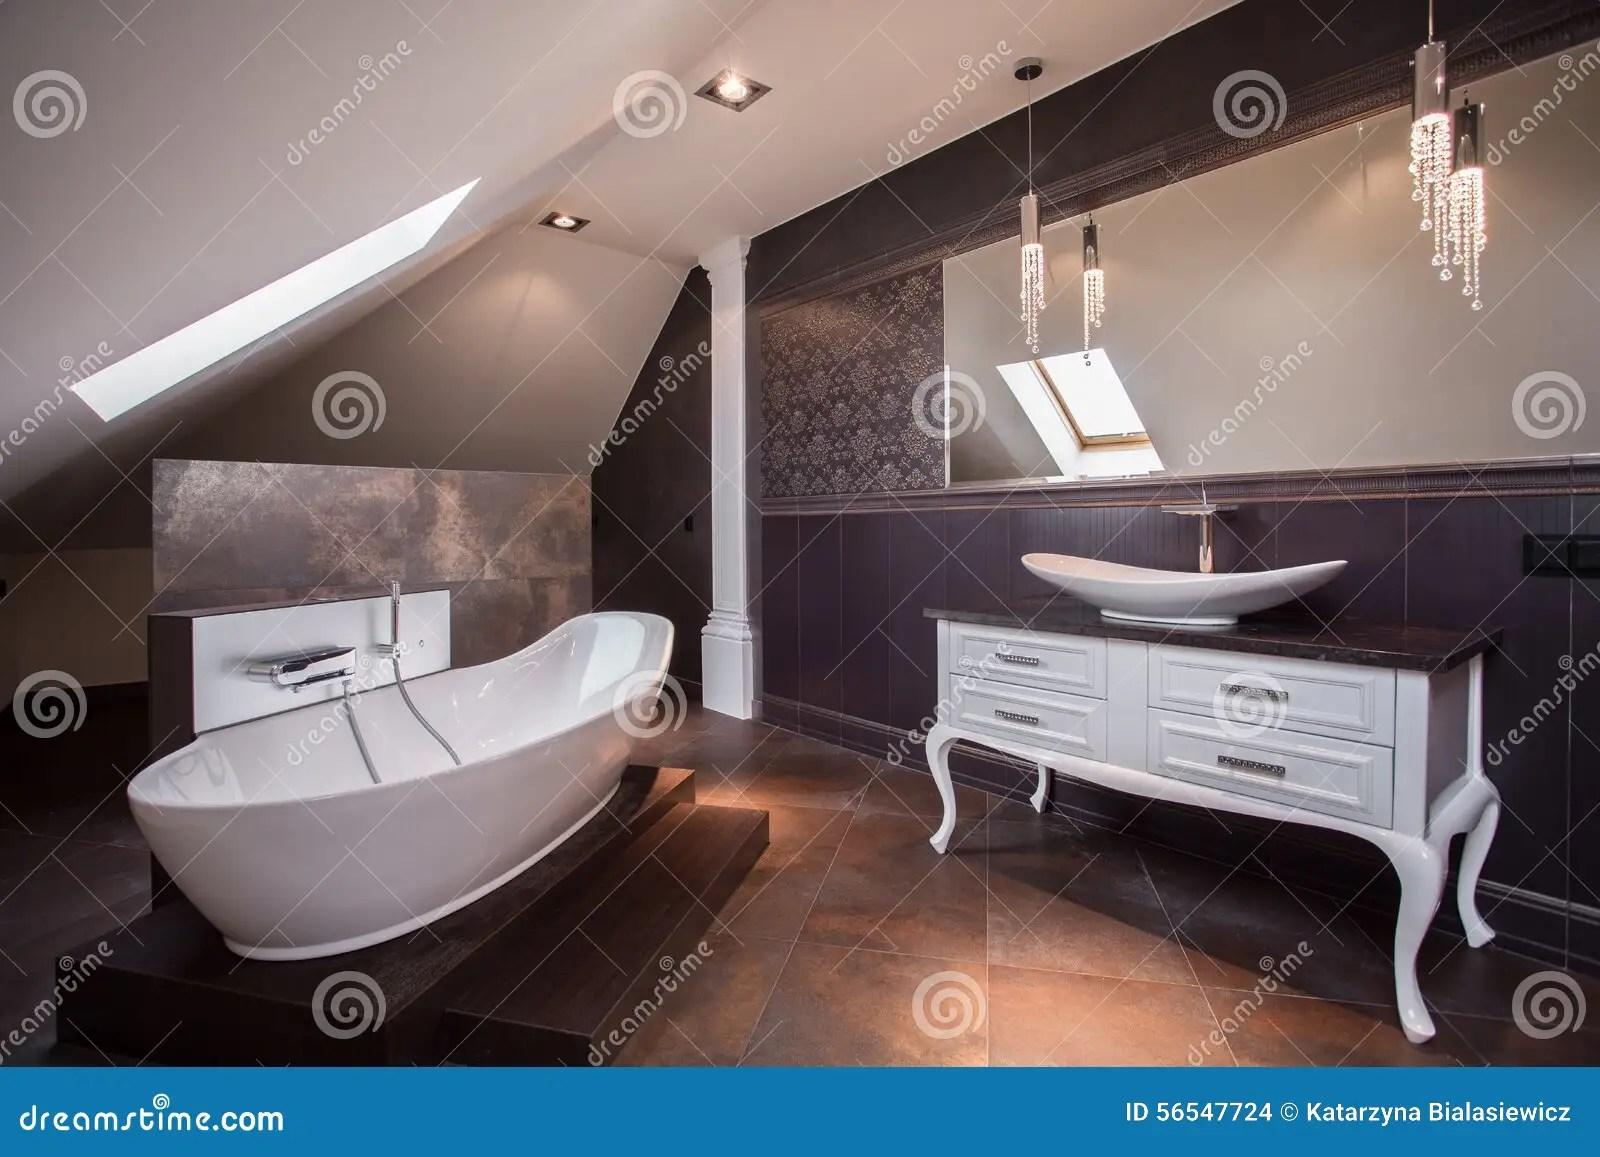 Altes Braunes Badezimmer Verschönern Mintgrün Teppich Haus Dekoration